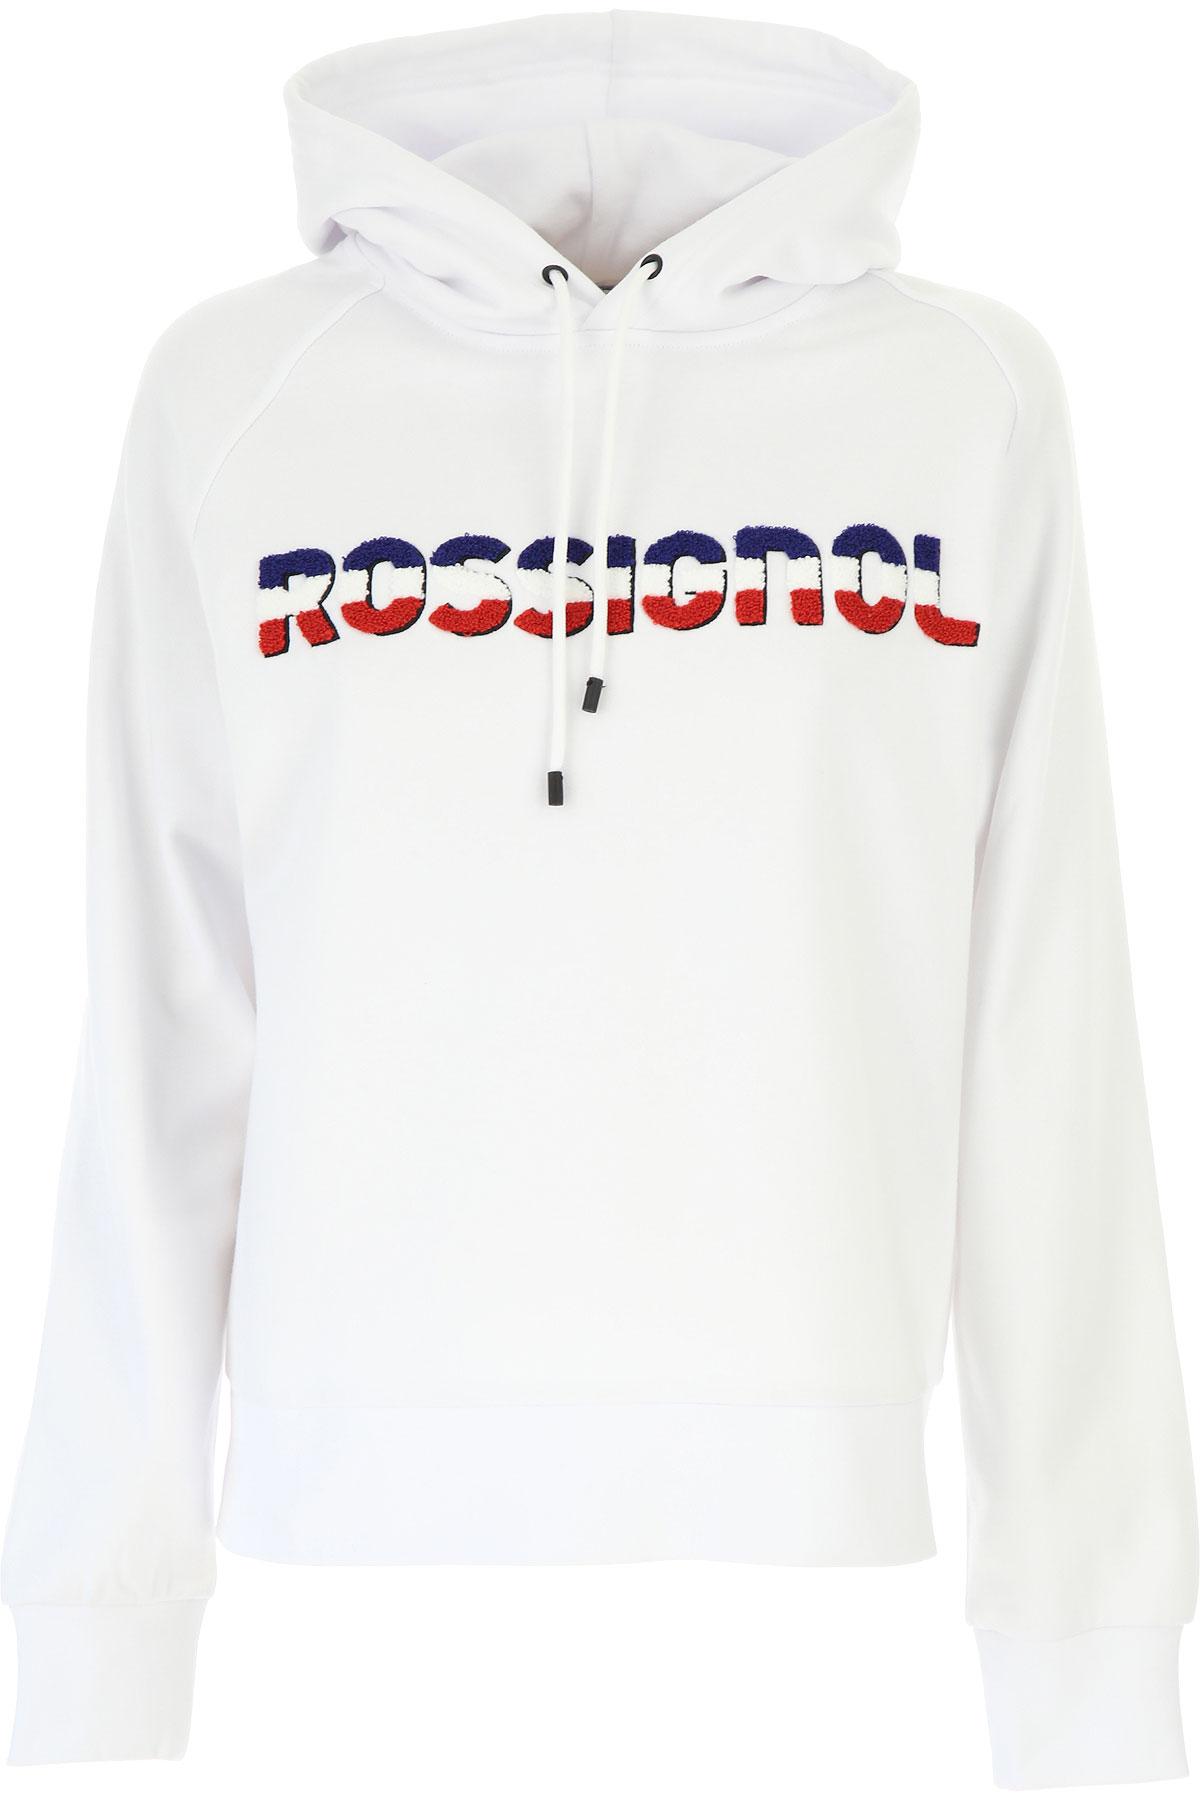 Rossignol Sweatshirt for Women On Sale, White, Cotton, 2019, 4 6 8